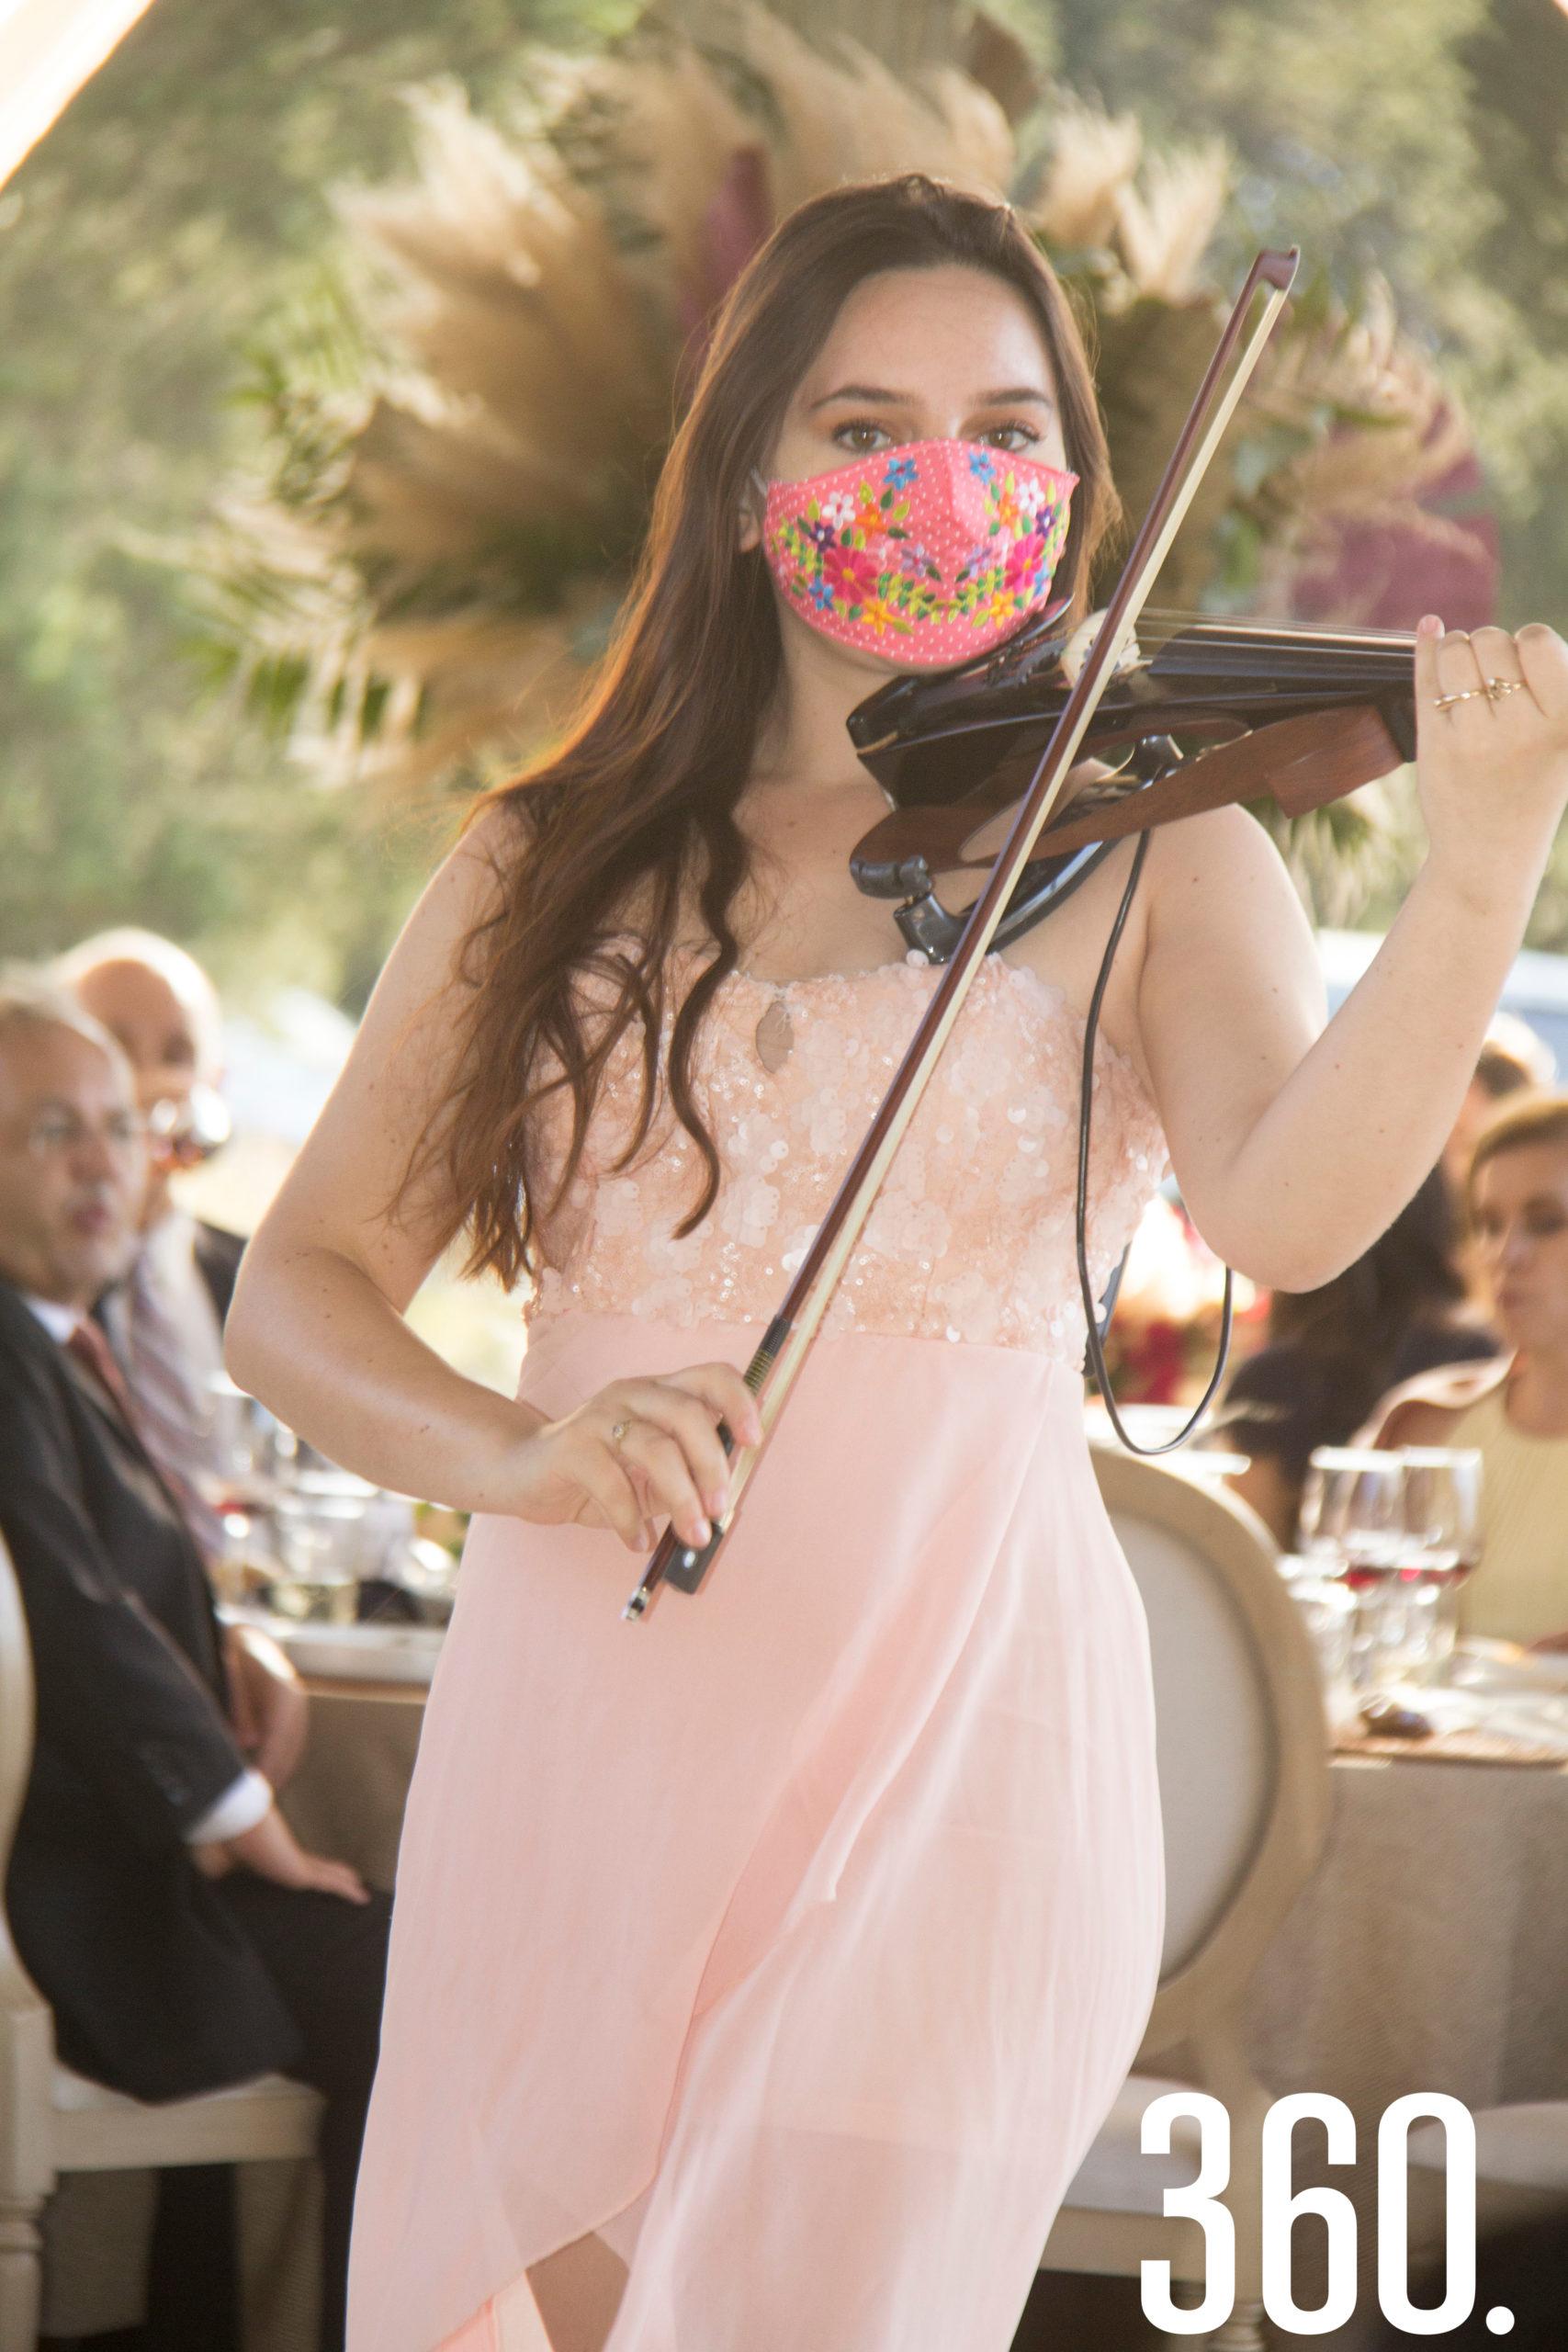 La violinista regiomontana, Priscilla Portales, cautivó con su excelente interpretación de temas clásicos durante la comida.